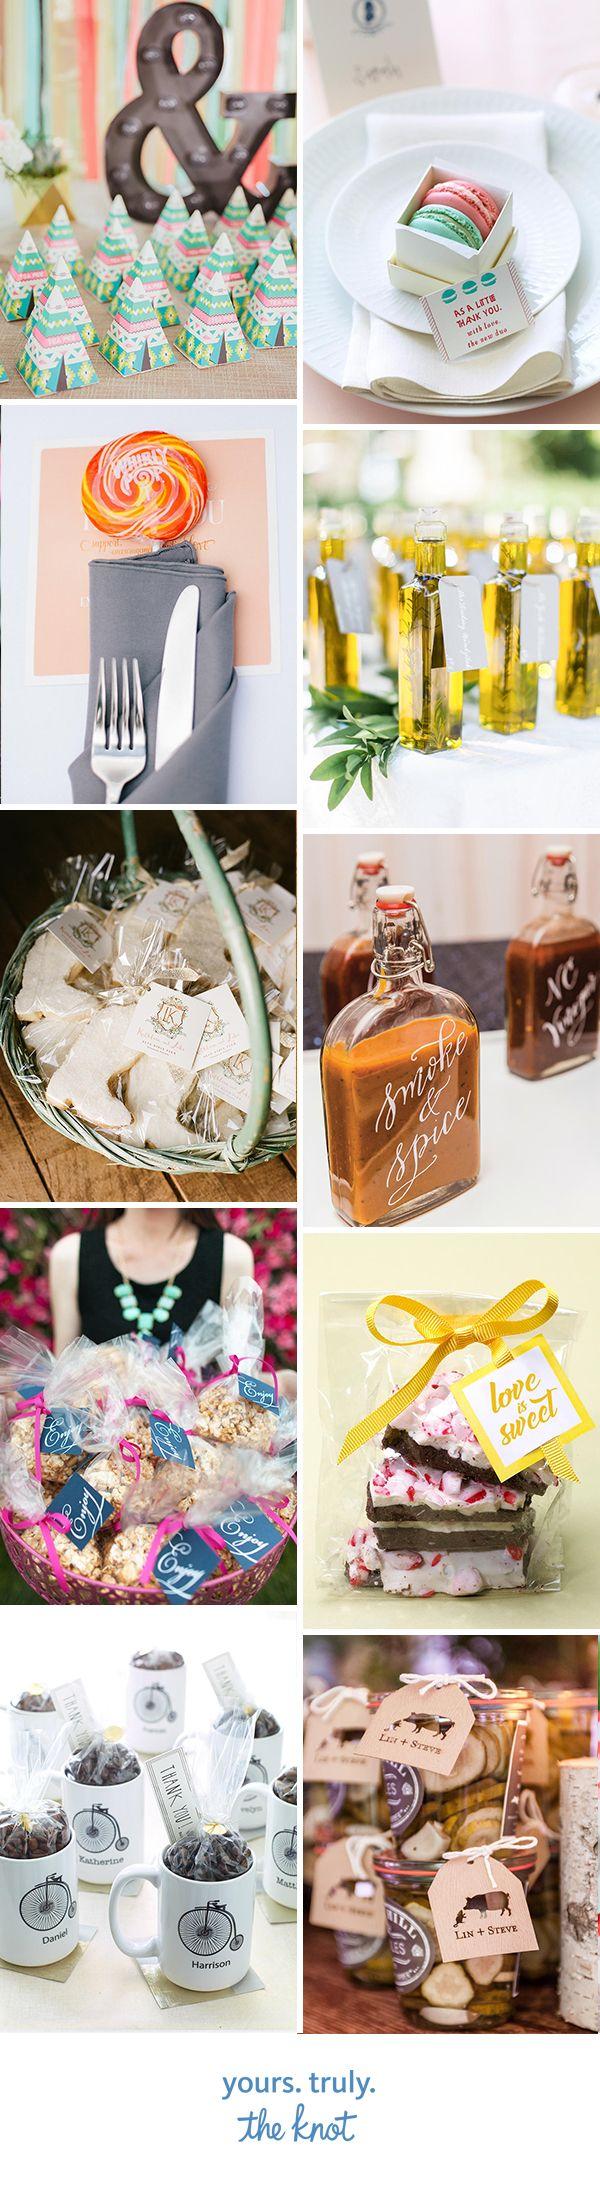 15 Creative Edible Wedding Favor Ideas 706